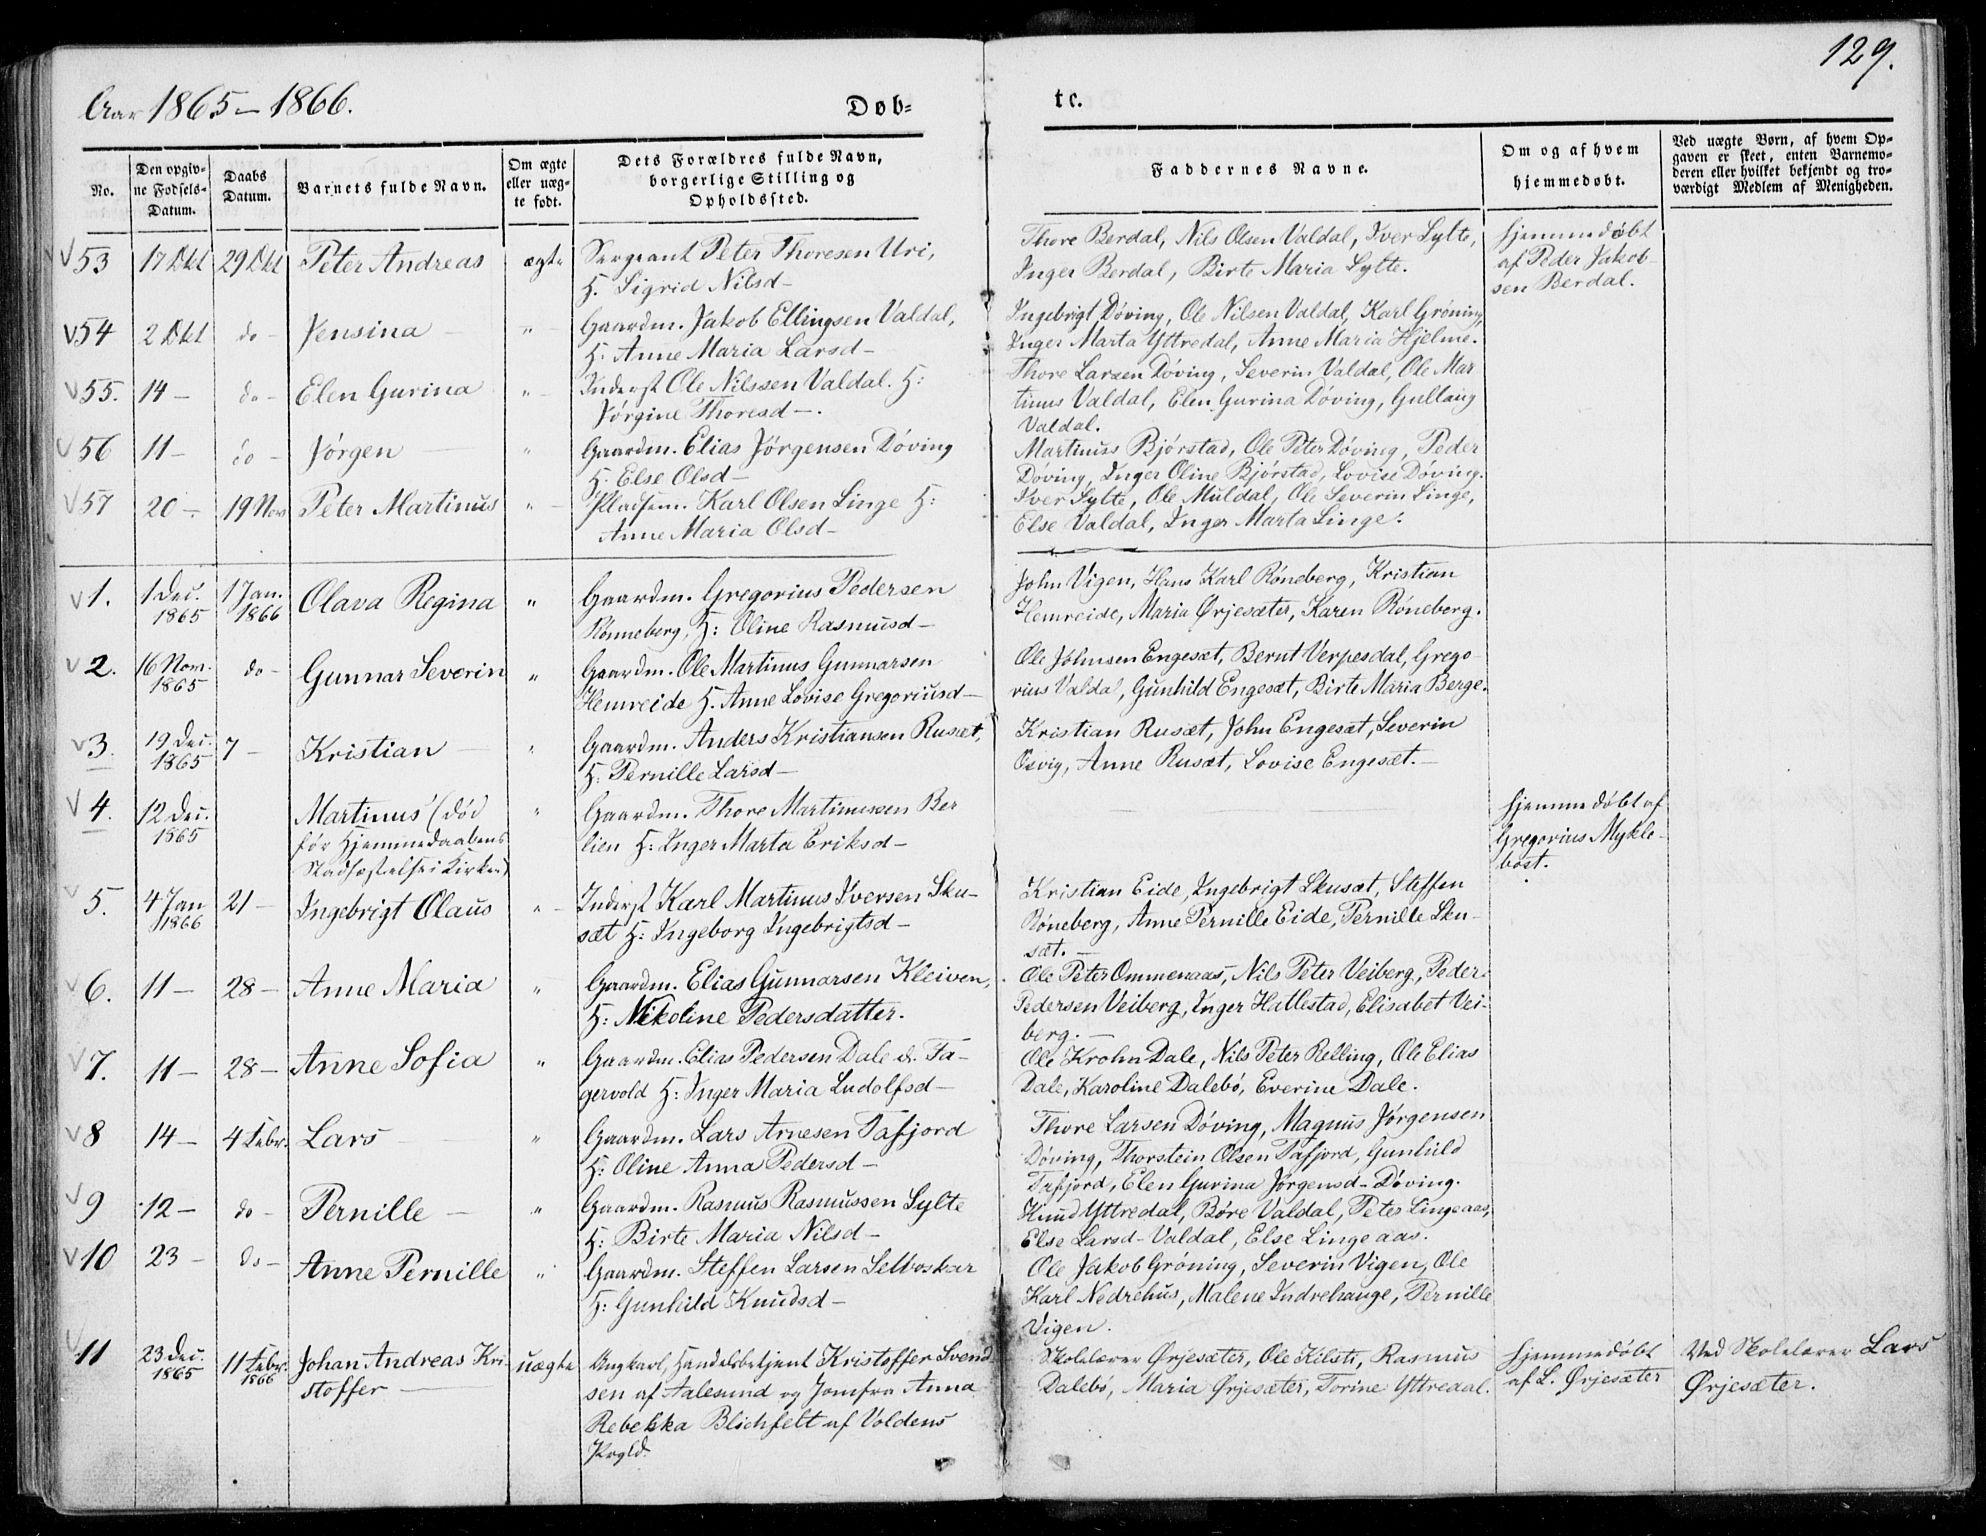 SAT, Ministerialprotokoller, klokkerbøker og fødselsregistre - Møre og Romsdal, 519/L0249: Ministerialbok nr. 519A08, 1846-1868, s. 129